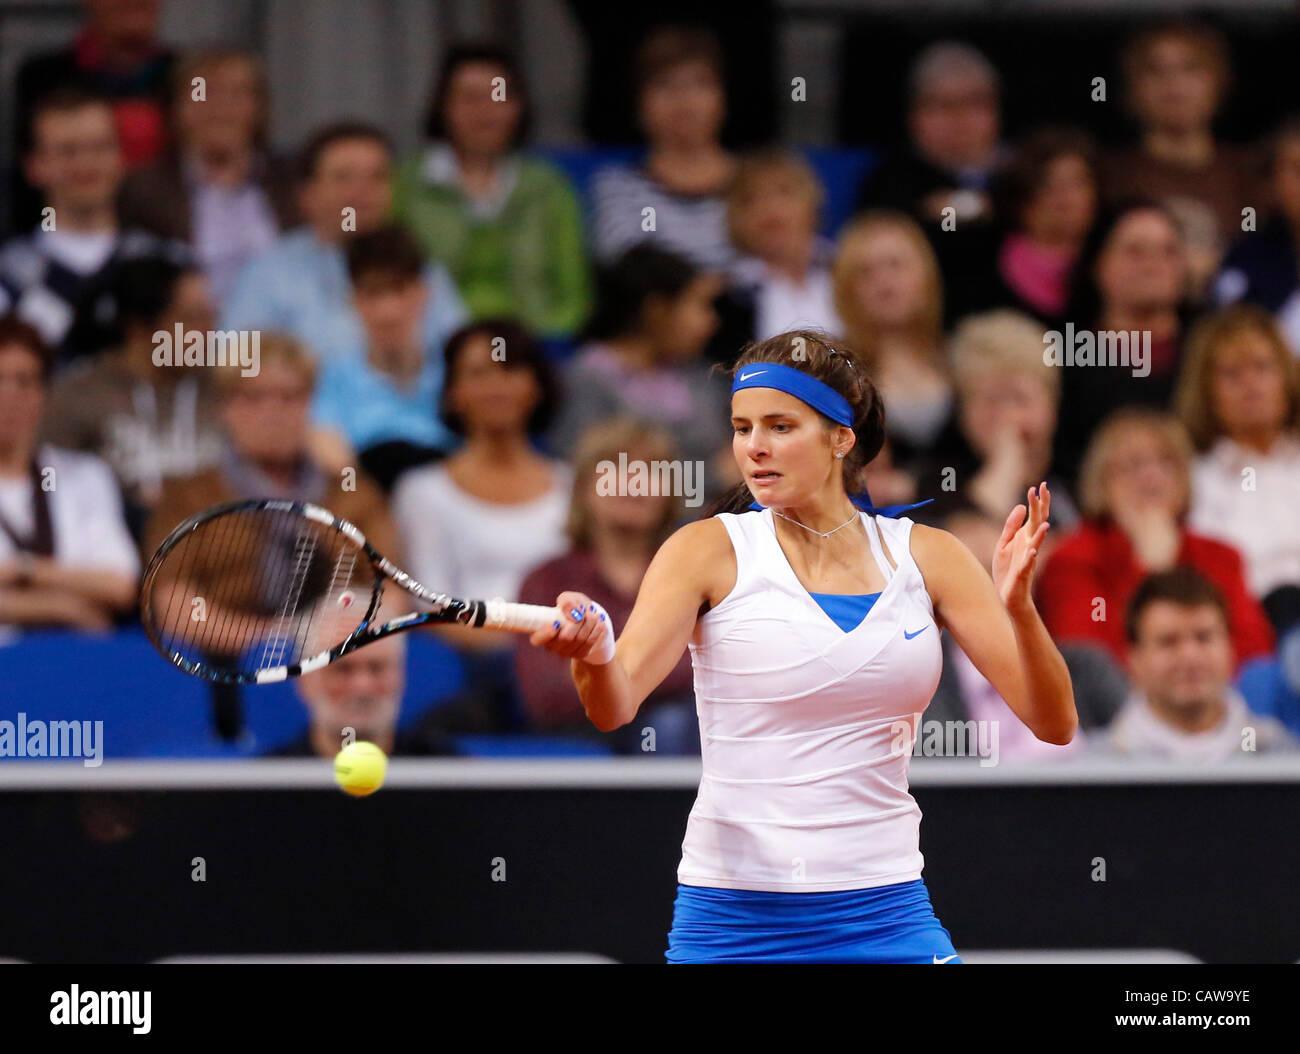 Julia GOERGES (GER)  Aktion Aufschlag,  Portrait, Kopf, Gesicht, Tennisball, Einzelbild mit Zuschauern  beim Porsche - Stock Image